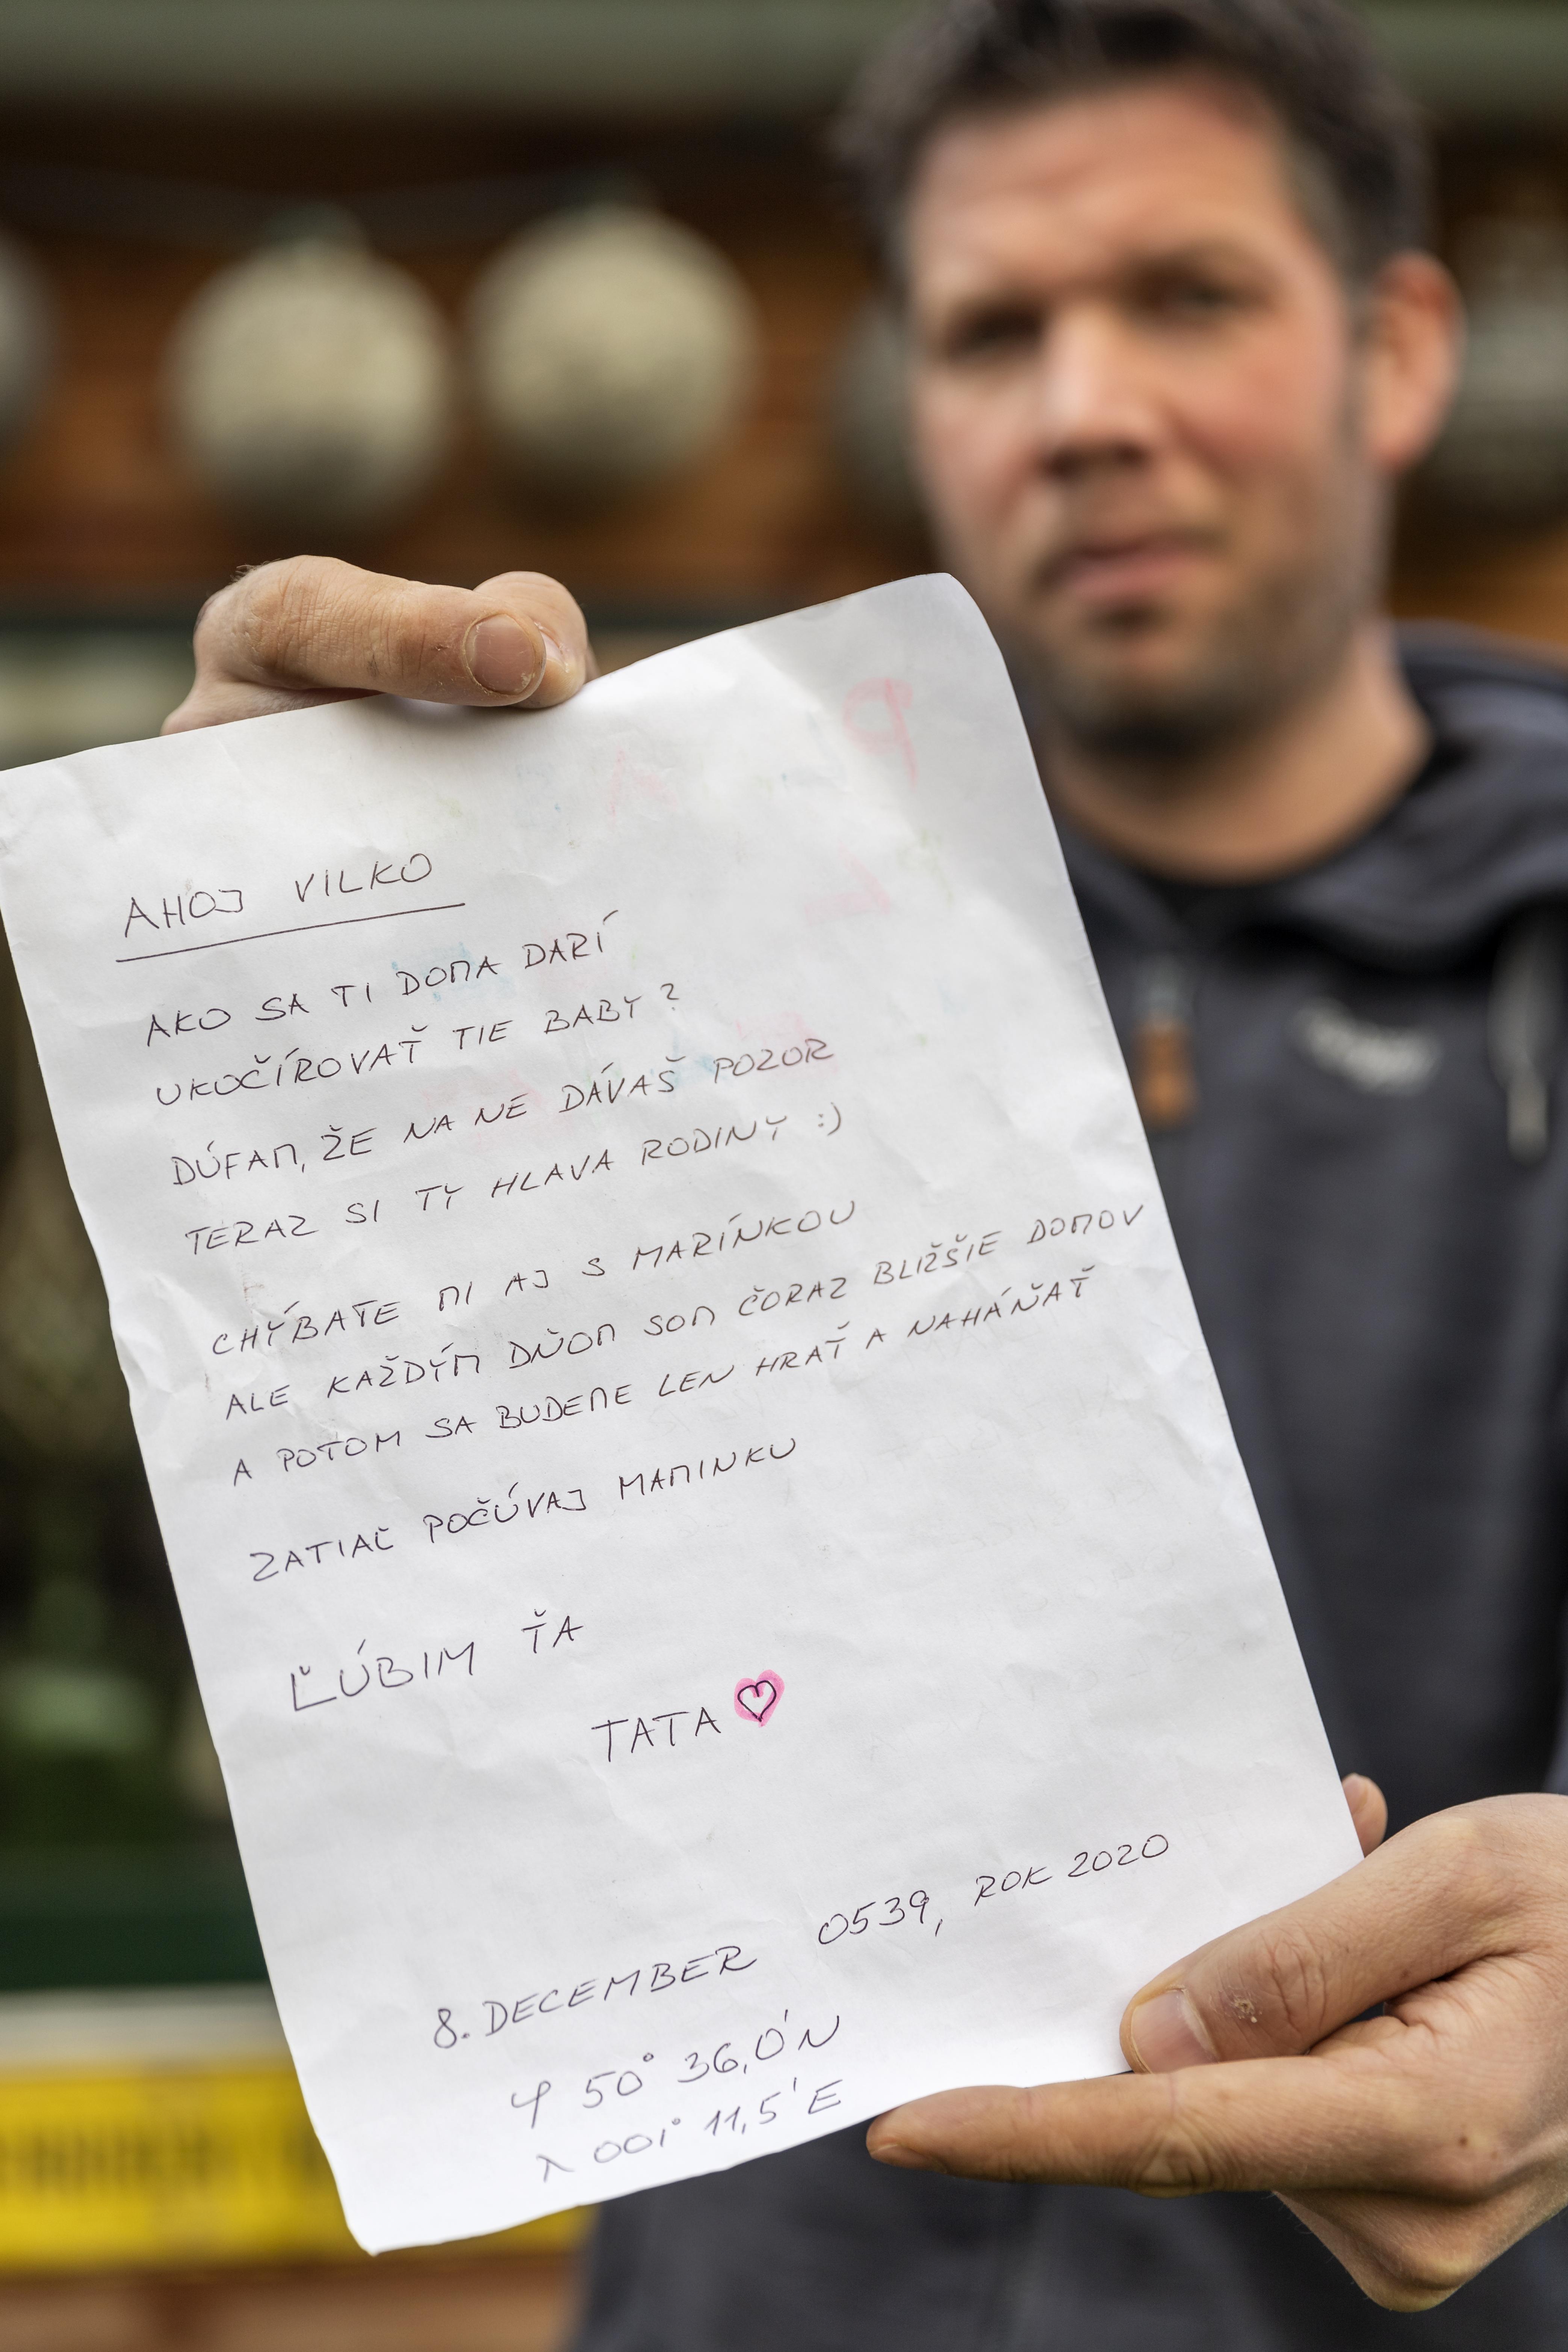 Texelse jutter Maarten (40) over flessenpost uit Slowakije, jutten, noordwesterstormen, thuisonderwijs en een beetje over corona